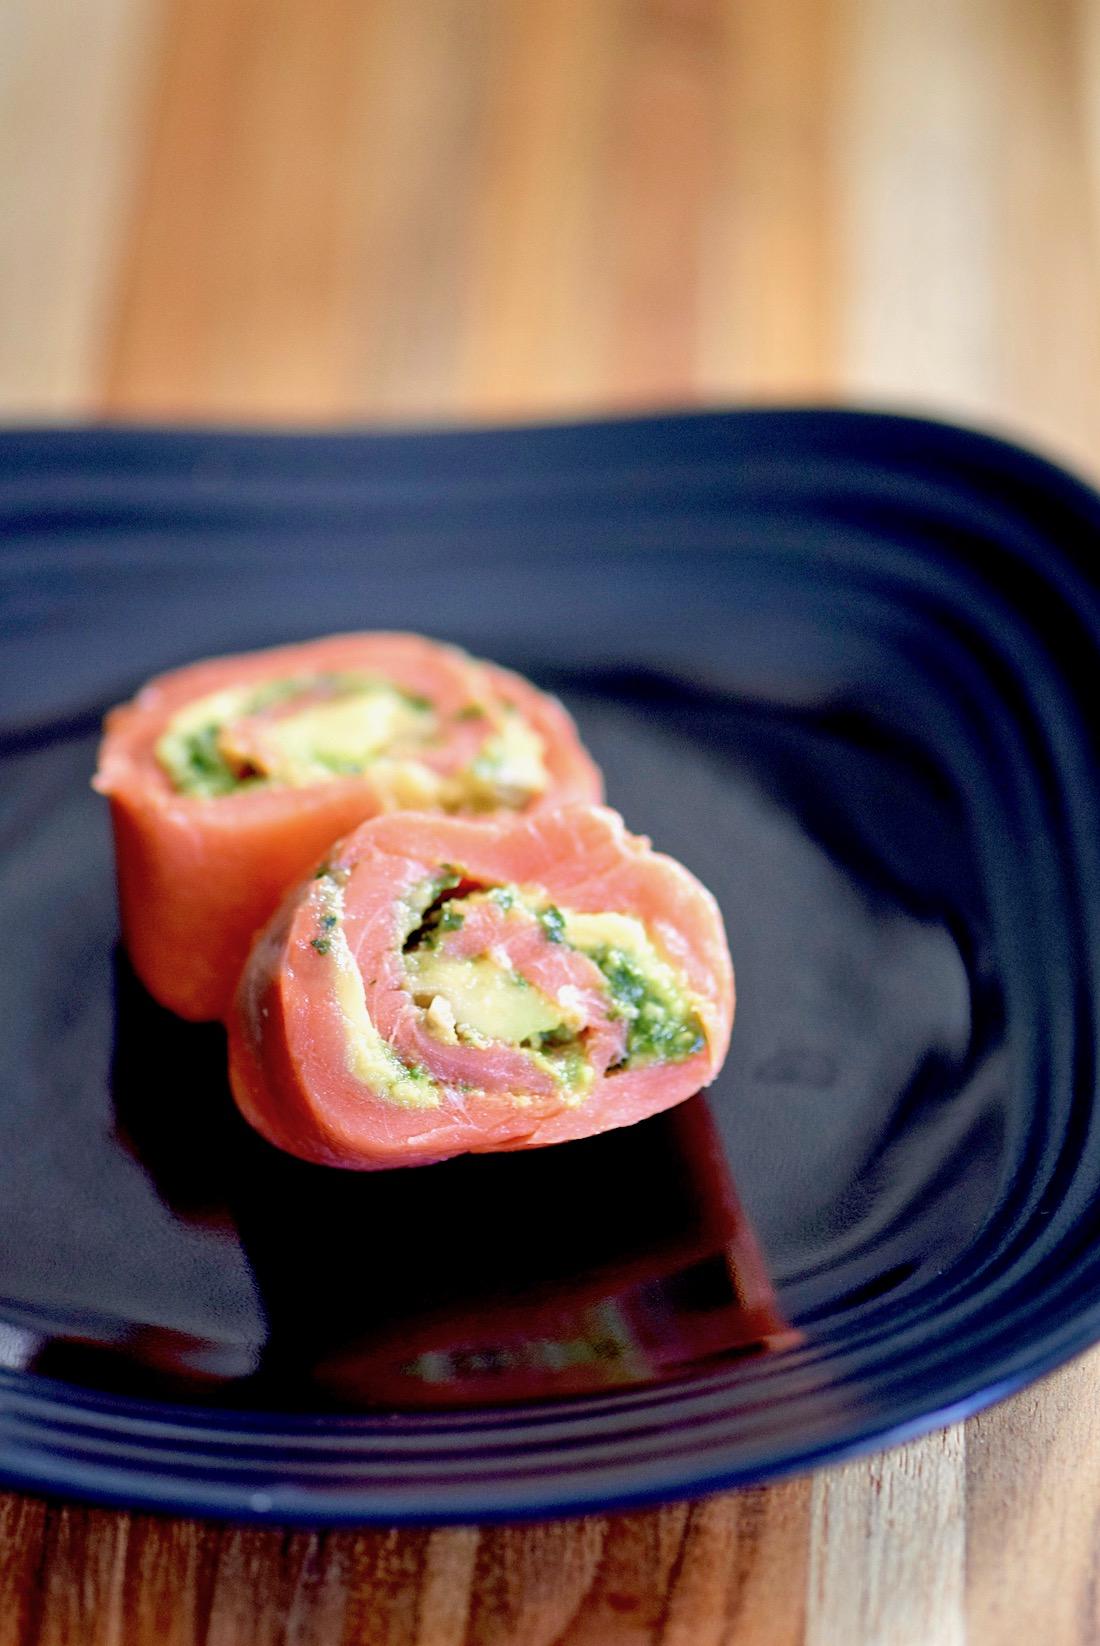 Avocado Pesto Salmon Pinwheels - paleo, gluten free, dairy free | TastingPage.com